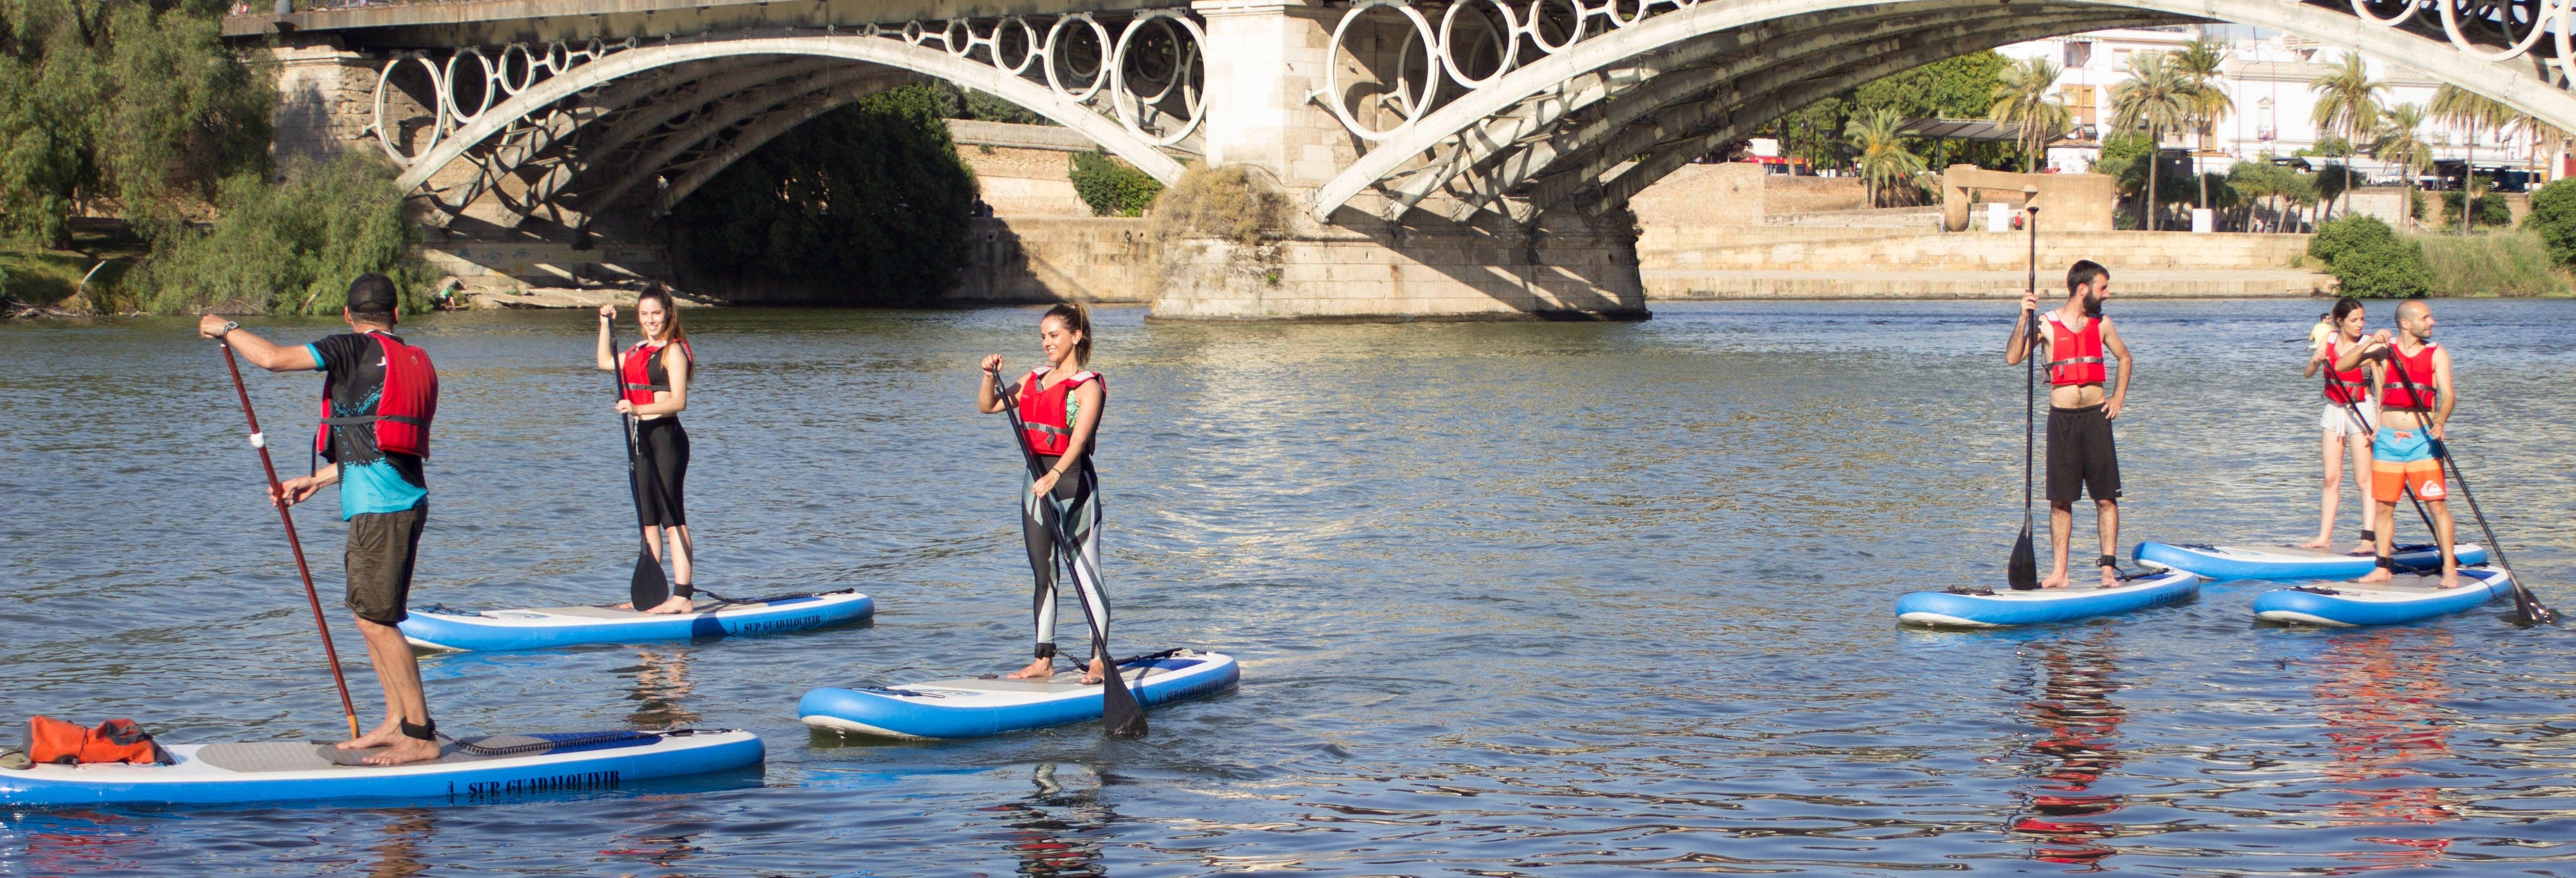 Paddleboarding in the Guadalquivir River